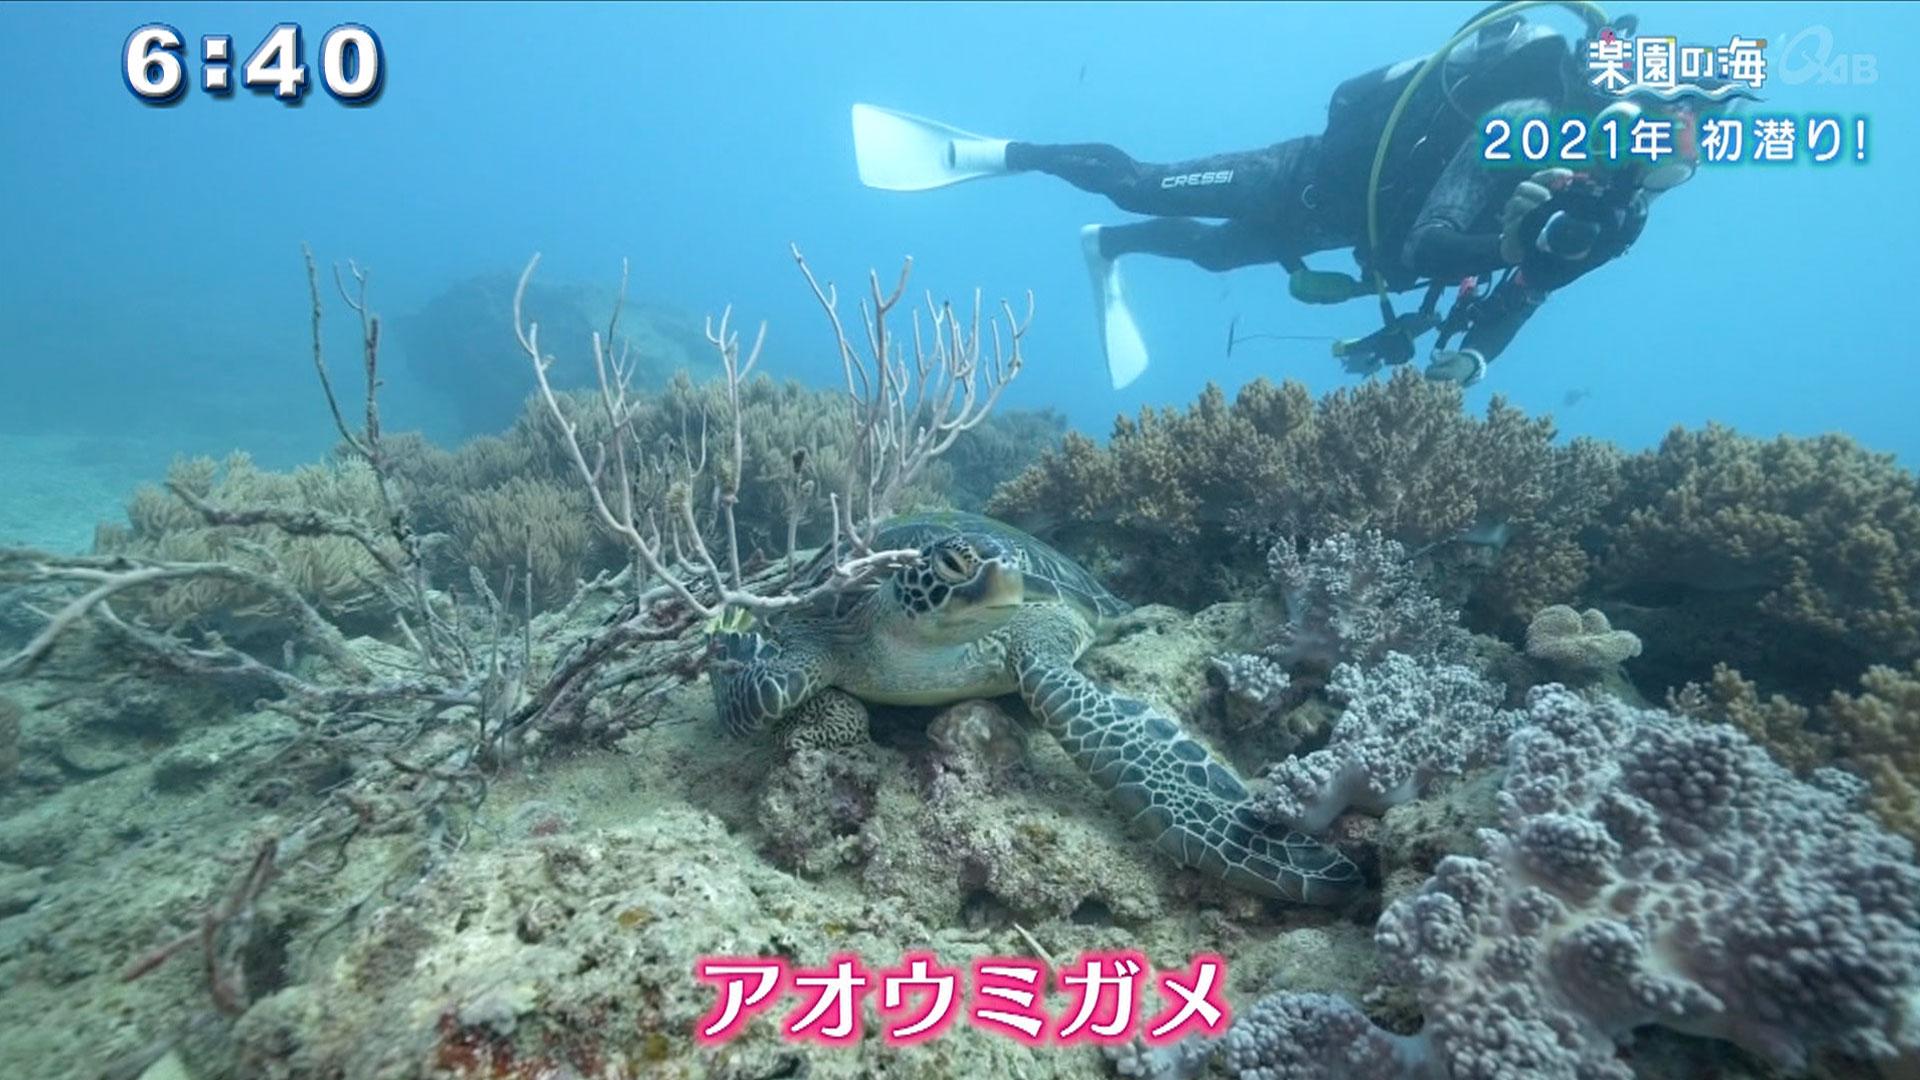 楽園の海 2021年初潜り!